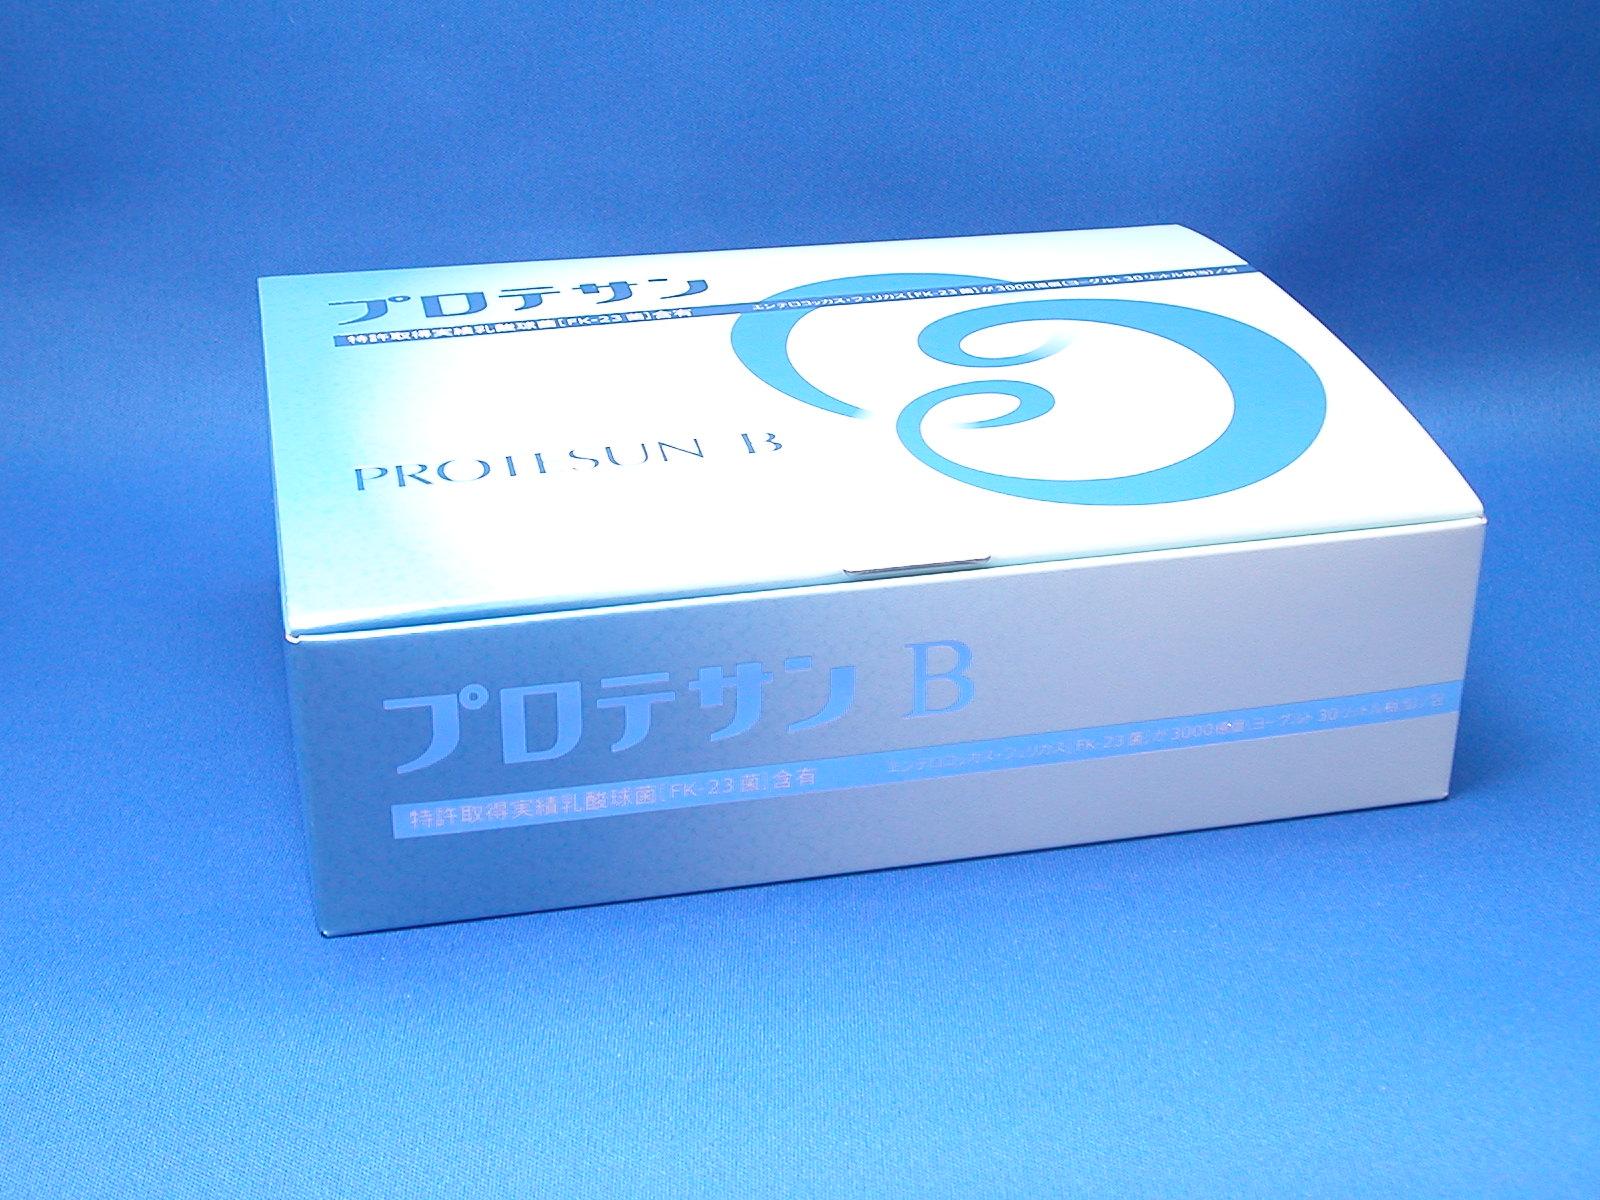 プロテサンB(100包入り)